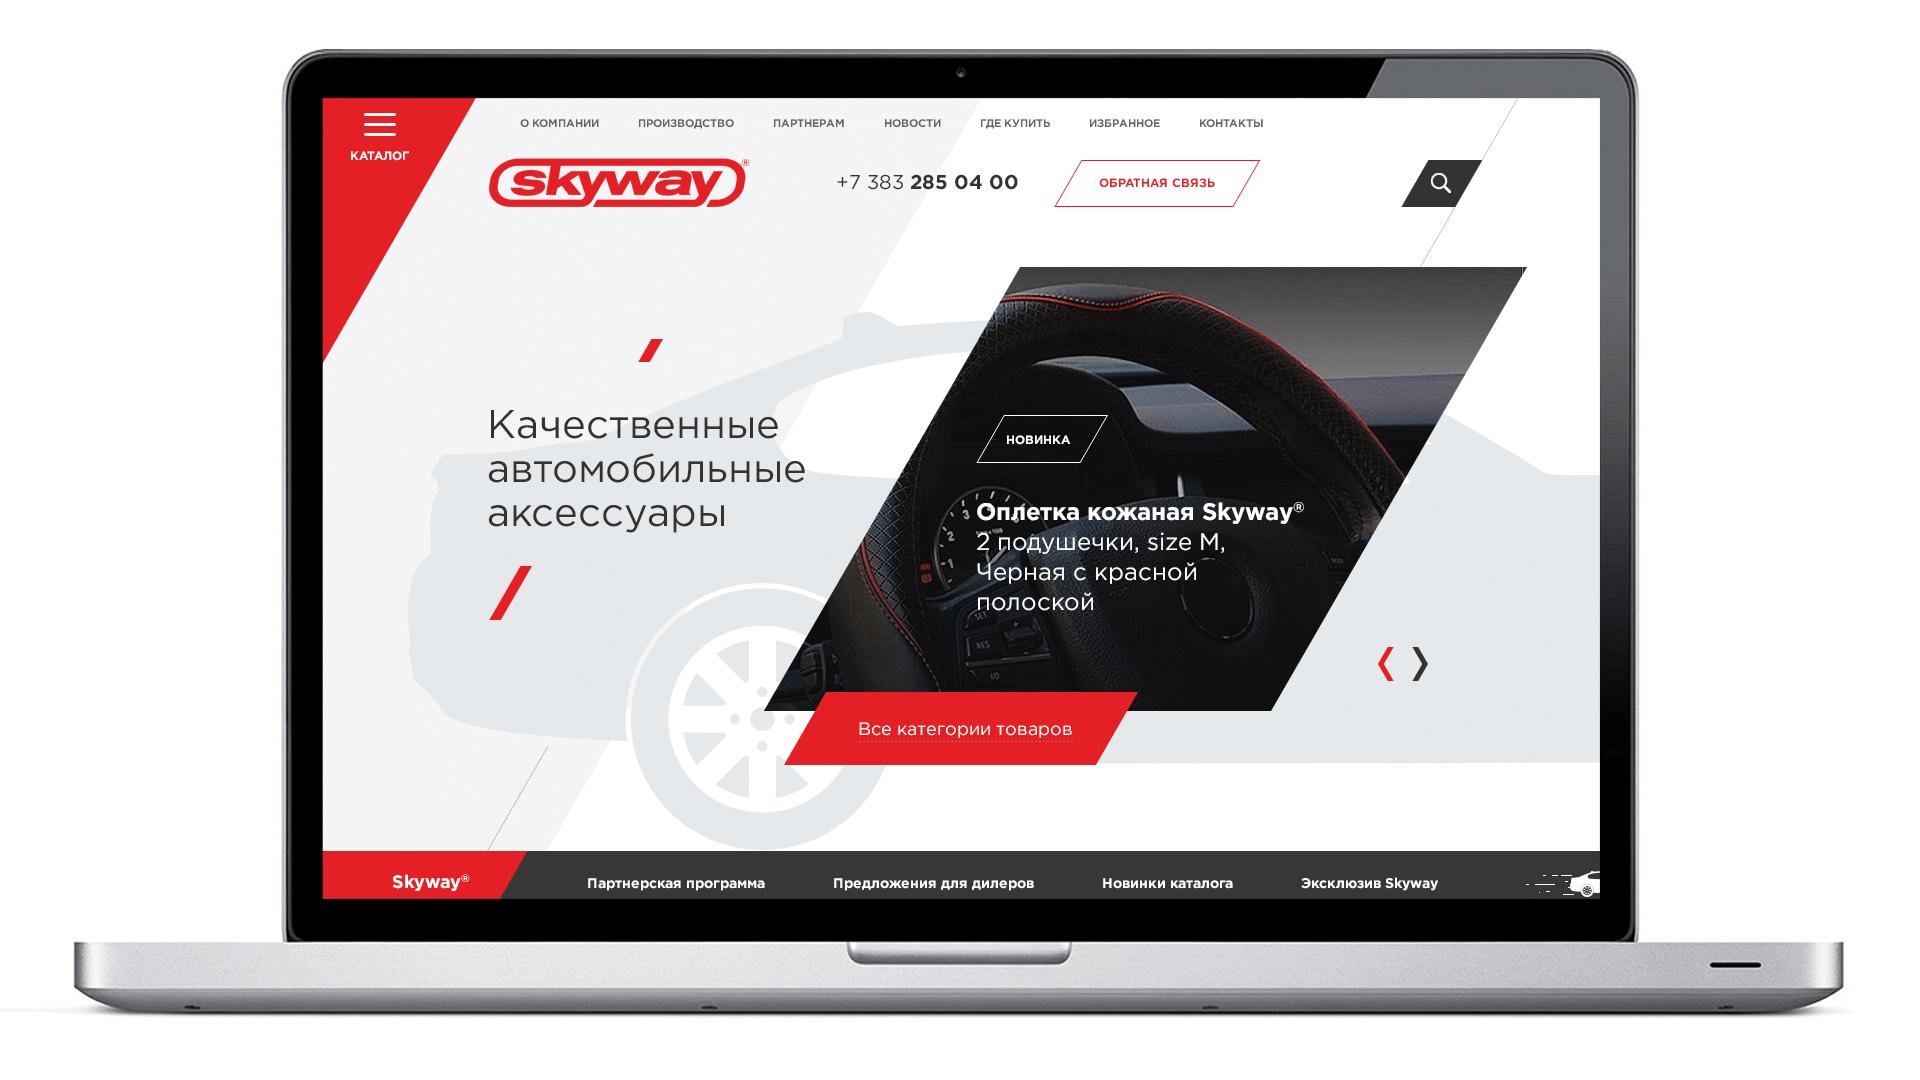 <p>Компания Skyway— крупный производитель ипоставщик автоаксессуаров. Свежий сайт ссовременным дизайном— то, что нужно, чтбоы выделить такого игрока нафоне конкурентов ипомочь привлечь новых дилеров.</p>